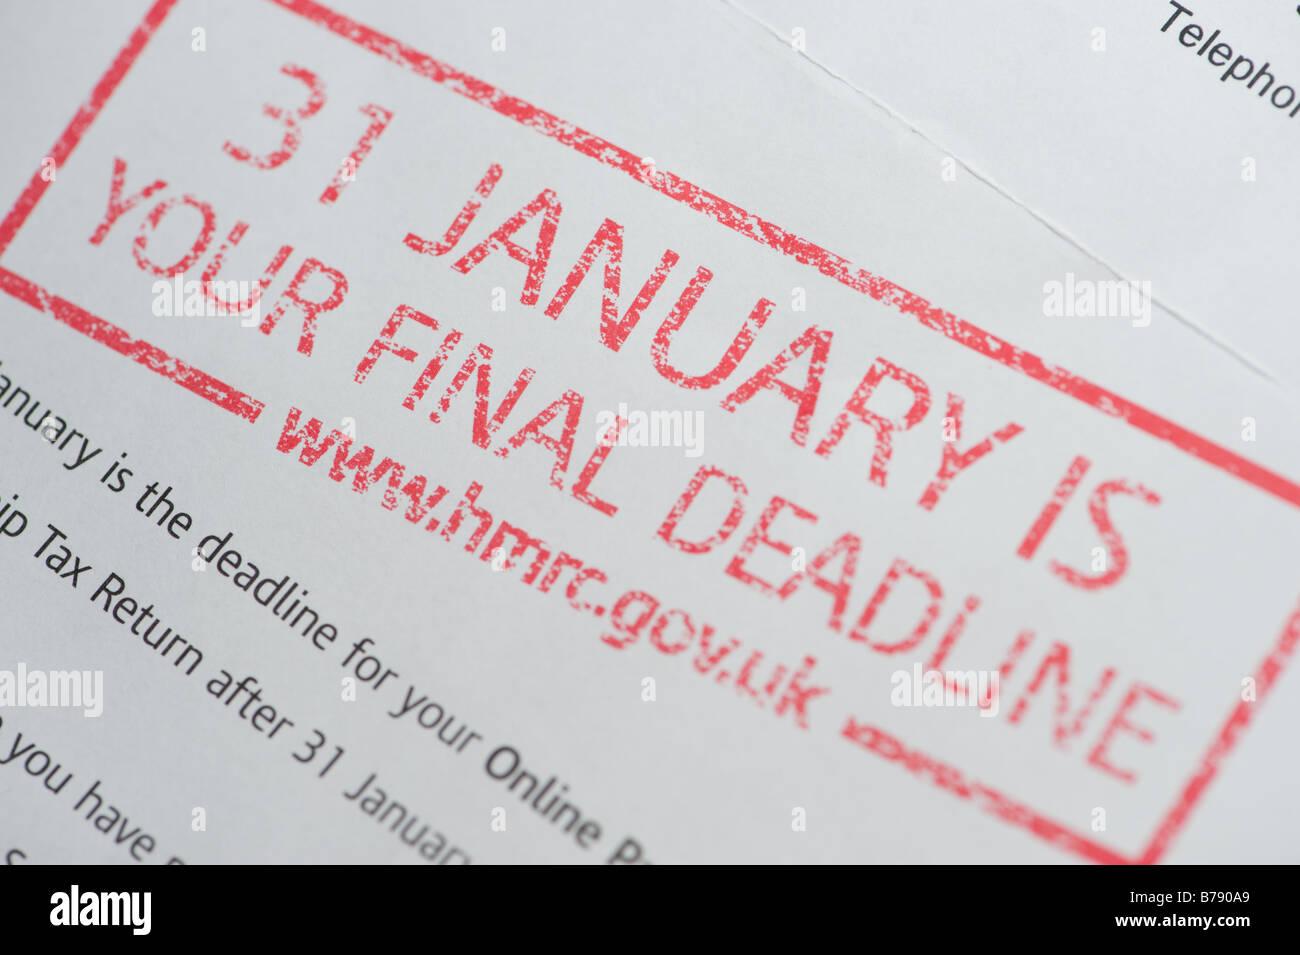 UK Inland Revenue rappel d'impôt sur le revenu à payer par le 31 janvier Date limite publiée Photo Stock